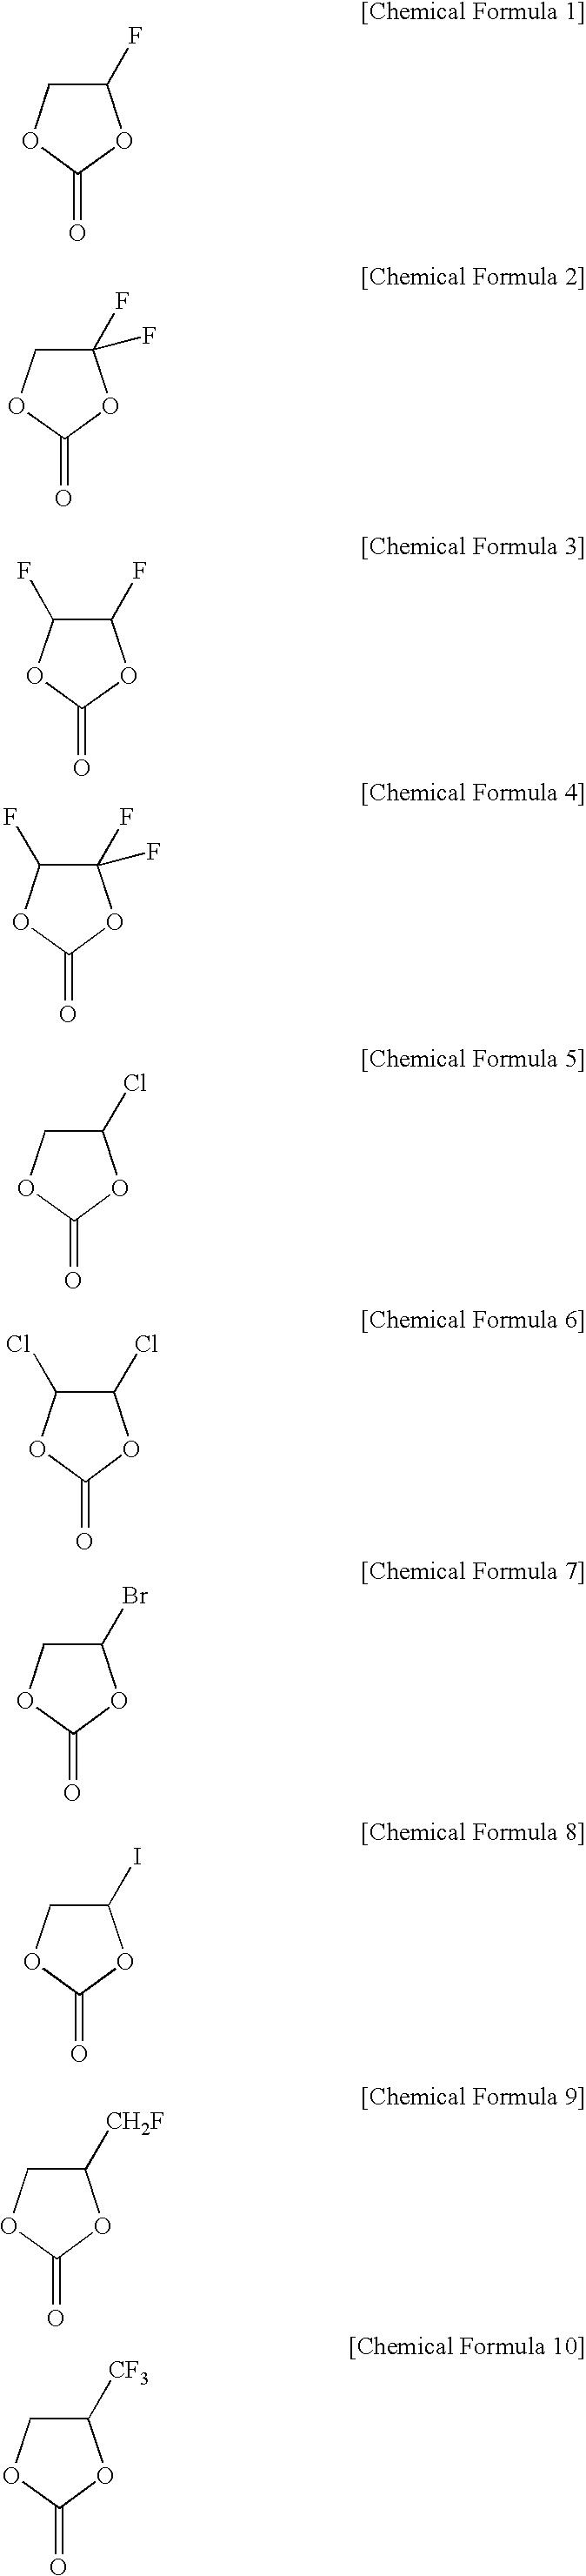 Figure US07927744-20110419-C00001